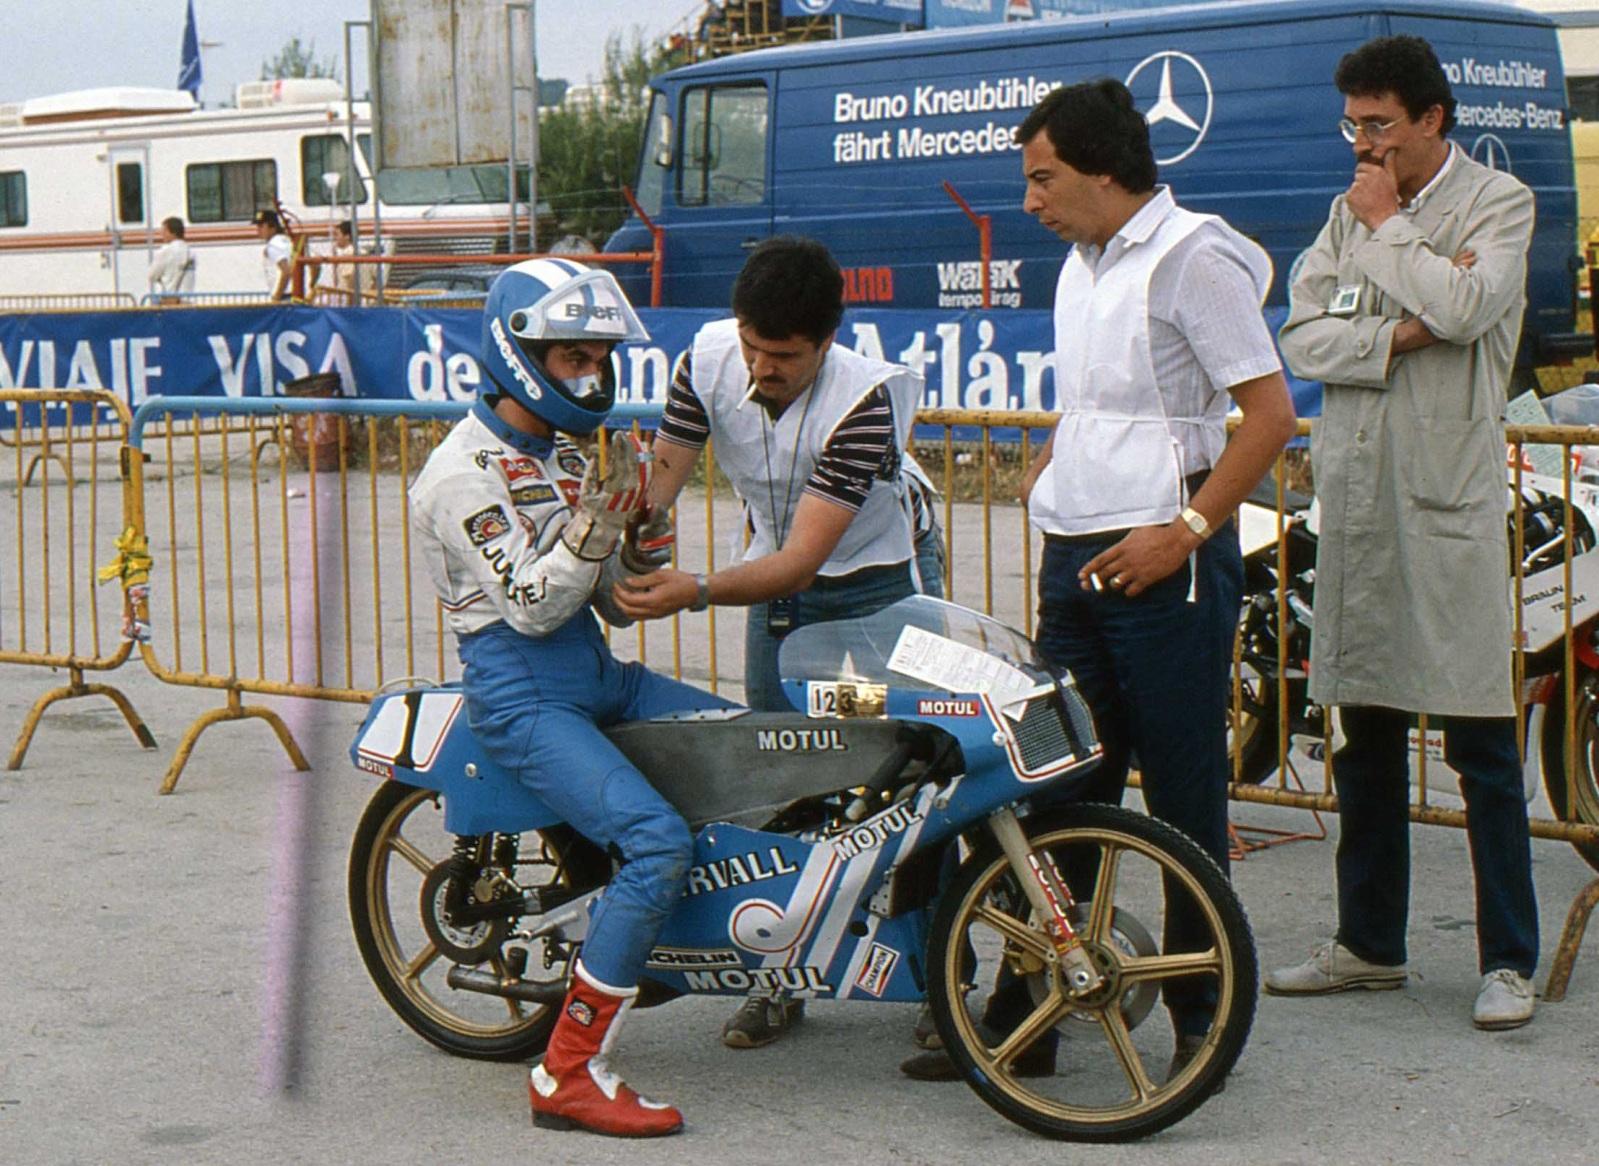 bultaco - Réplica Bultaco 50 MOTUL Carmona 1982 Au8ca9